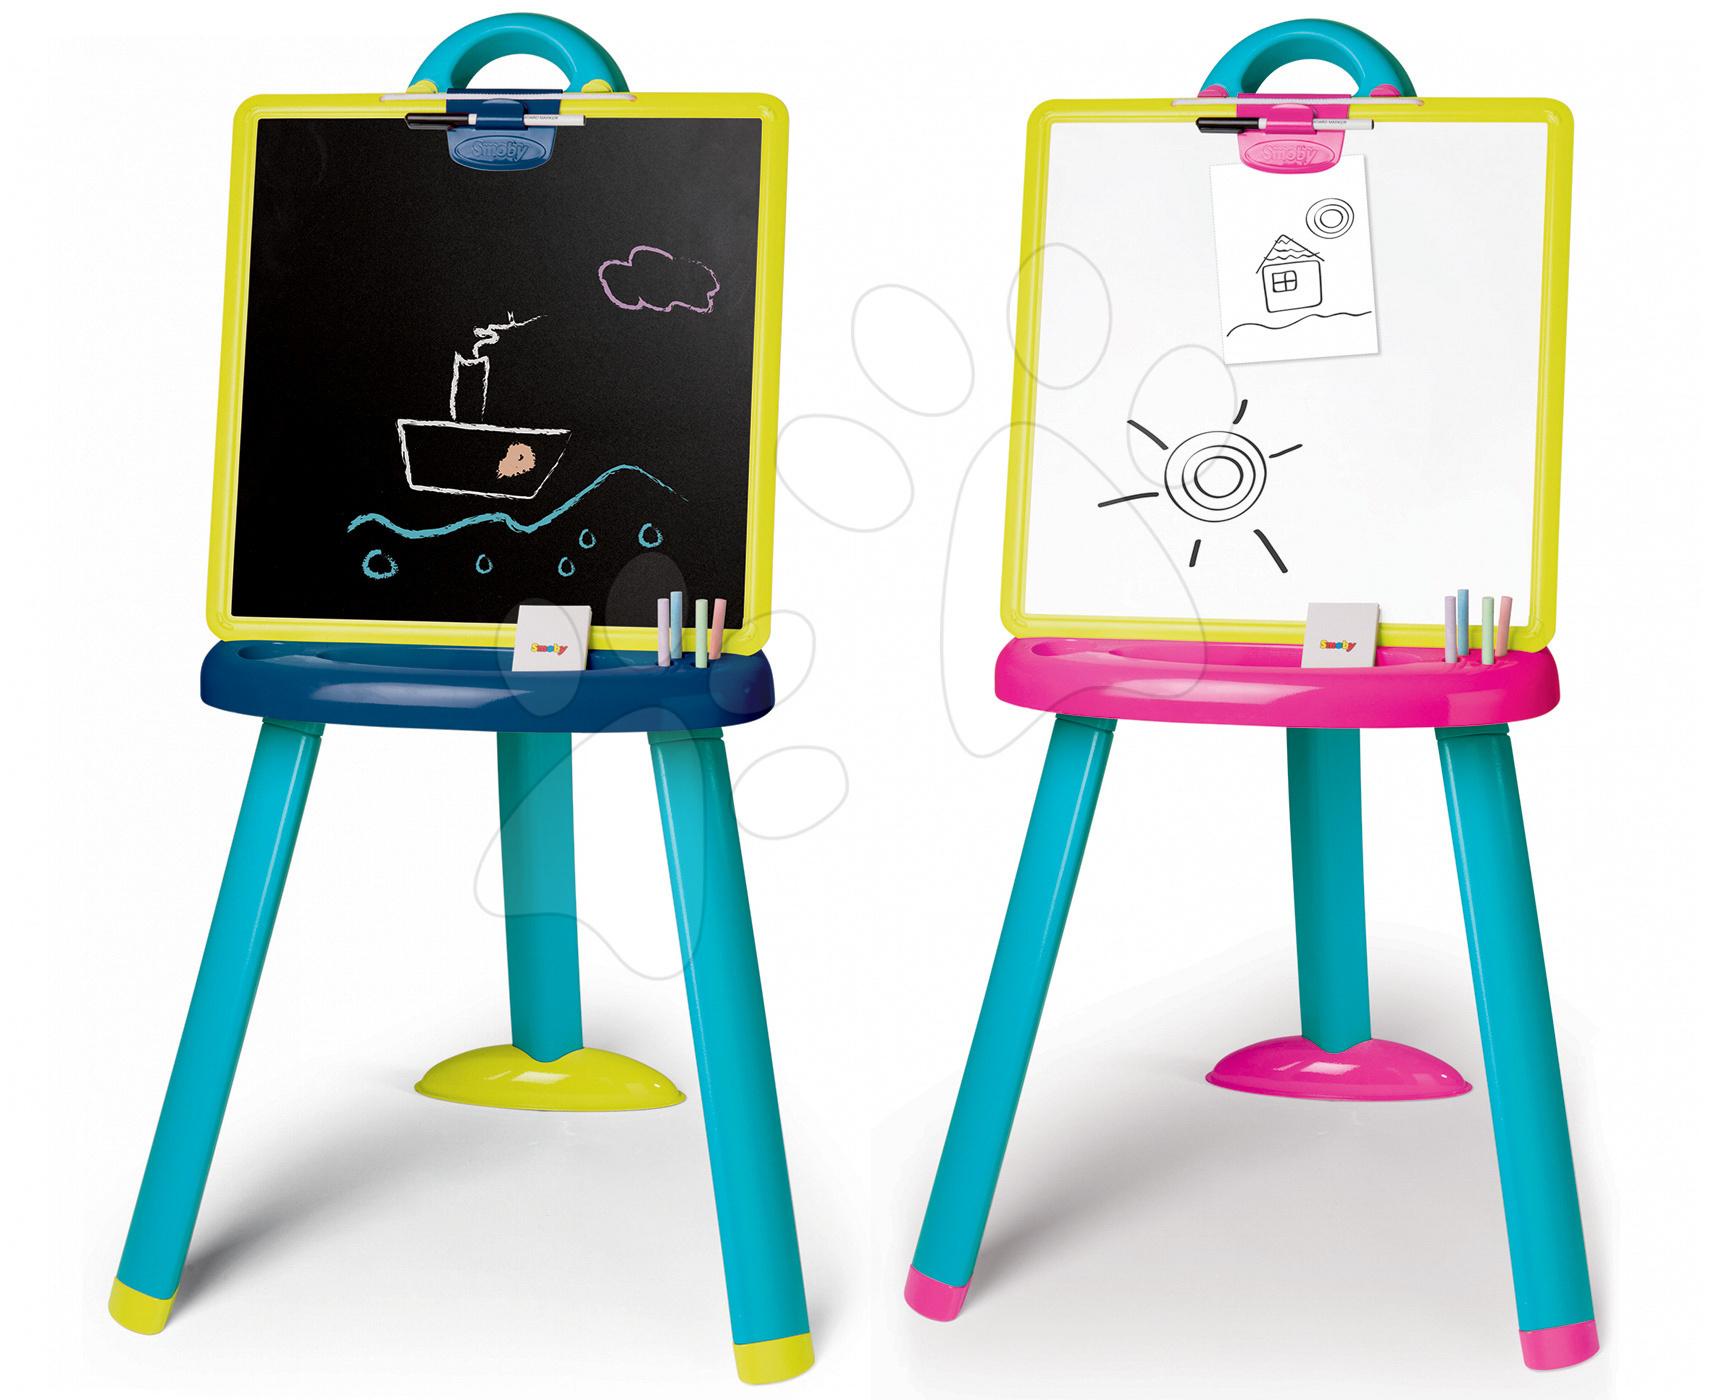 Školská tabuľa obojstranná Activity Smoby 2-in1 magnetická+7 doplnkov set 2 kusy modrá/ružová